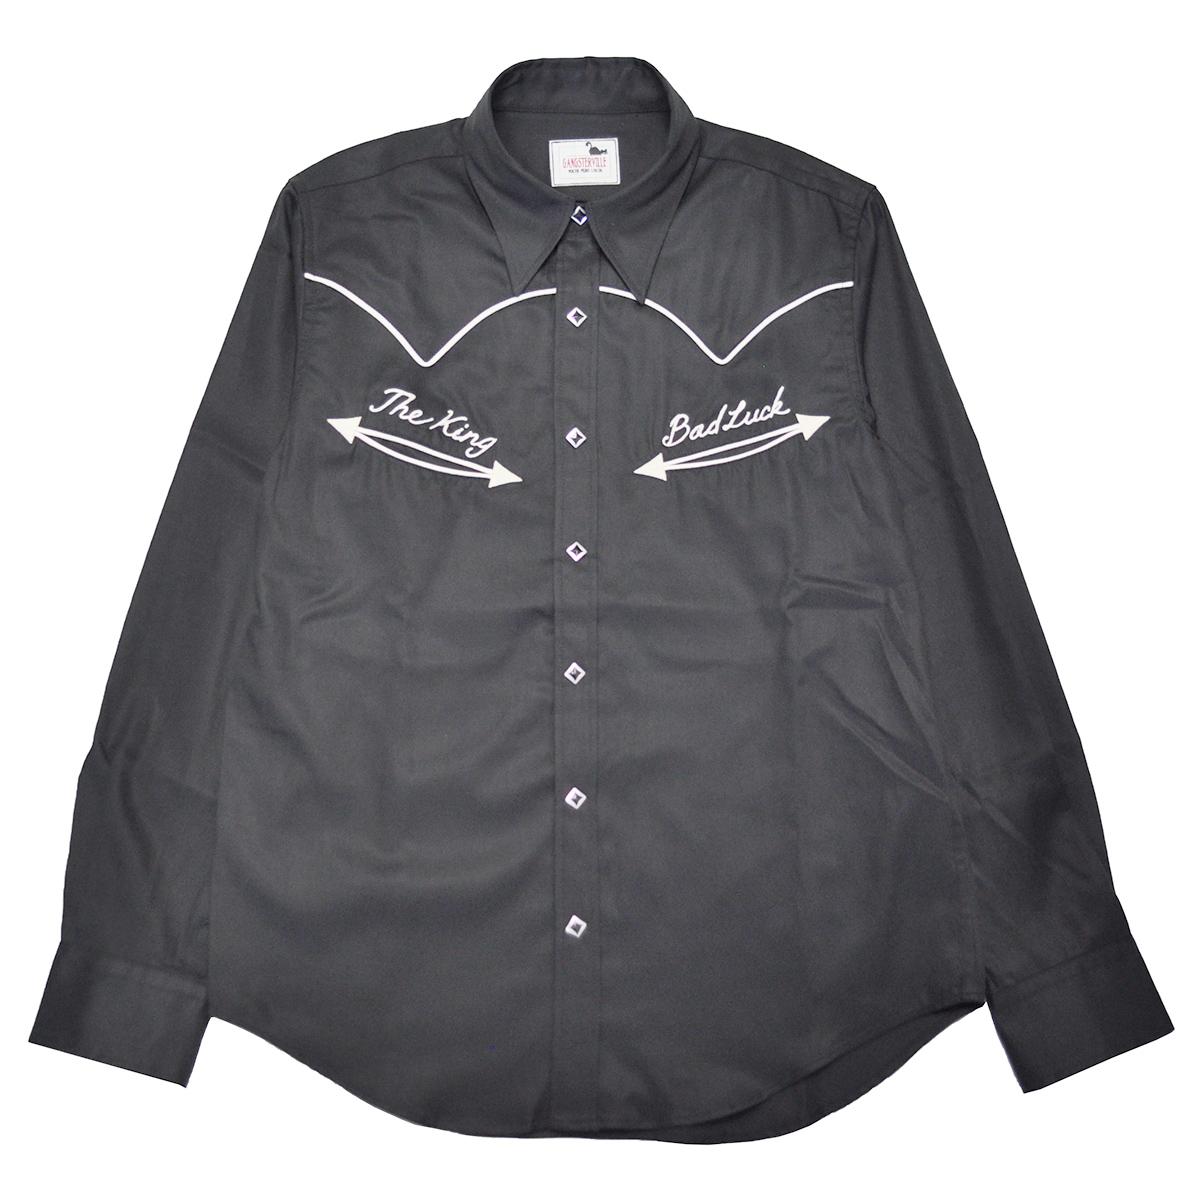 GANGSTERVILLE BAD LUCK - L/S SHIRTS (BLACK) ギャングスタービル ウエスタン 長袖シャツ/GLADHAND【WEIRDO/ウィアード/OLD CROW/オールドクロウ】